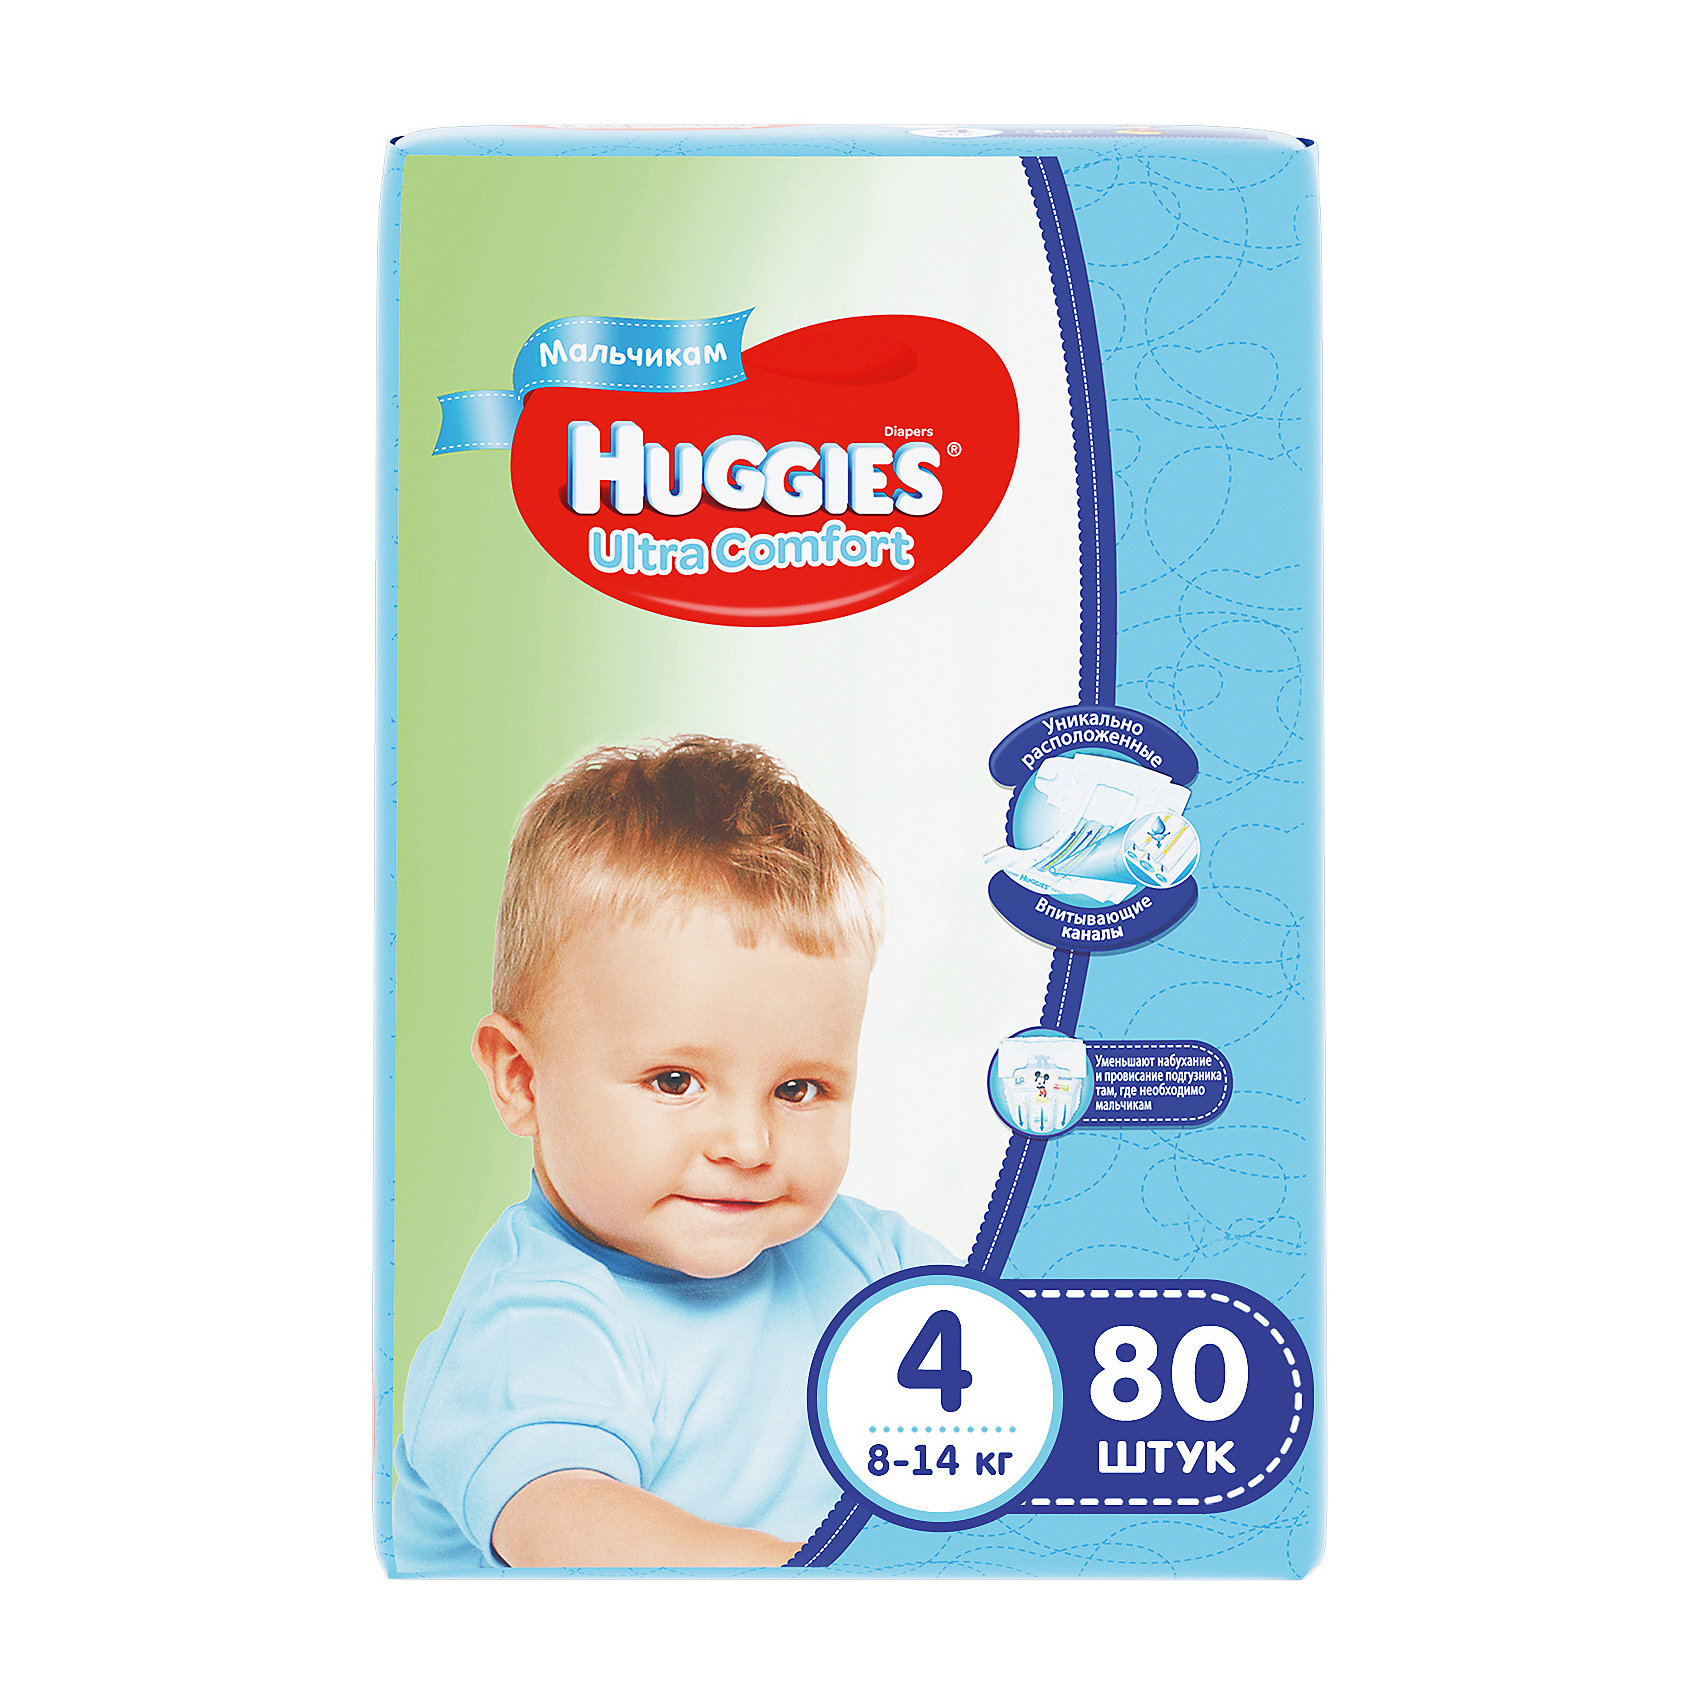 HUGGIES Подгузники Huggies Ultra Comfort для мальчиков Giga Pack (4) 8-14 кг, 80 шт.